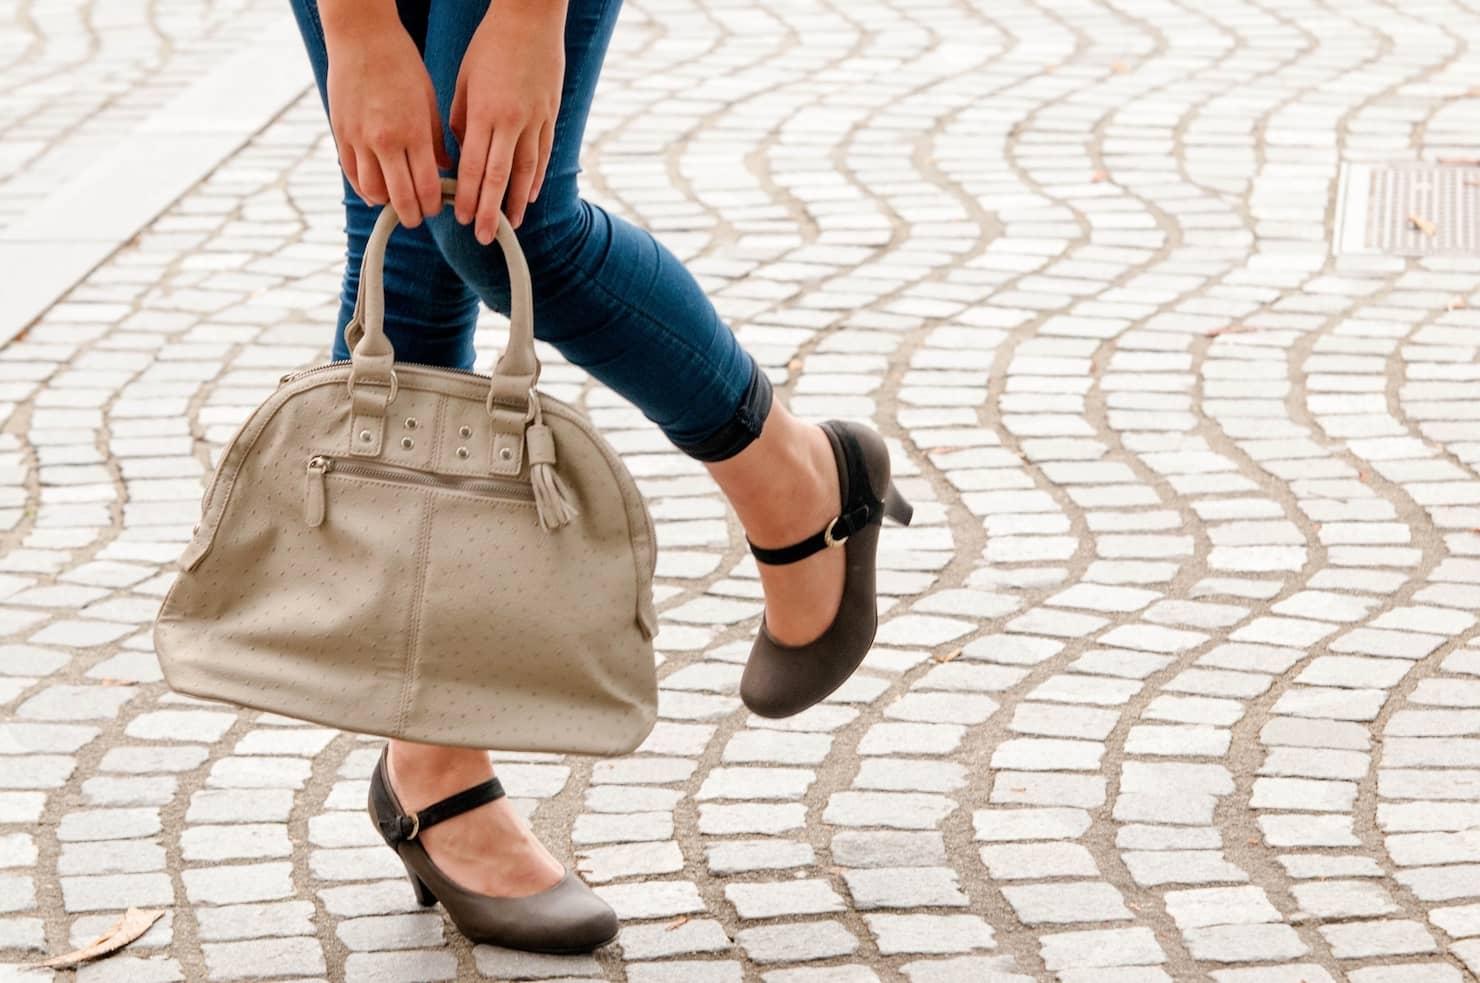 マザーズバッグはおしゃれなものを選びたい。セレブママにおすすめのブランド20選